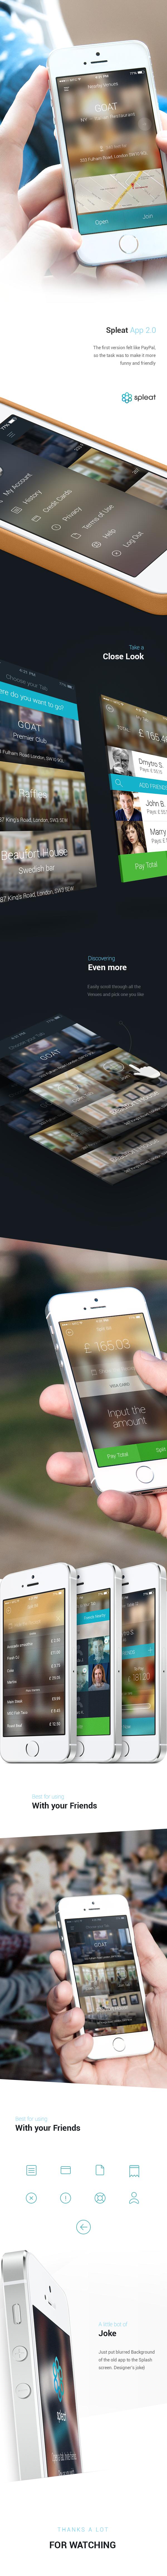 mobile ios app iphone Icon UI ux